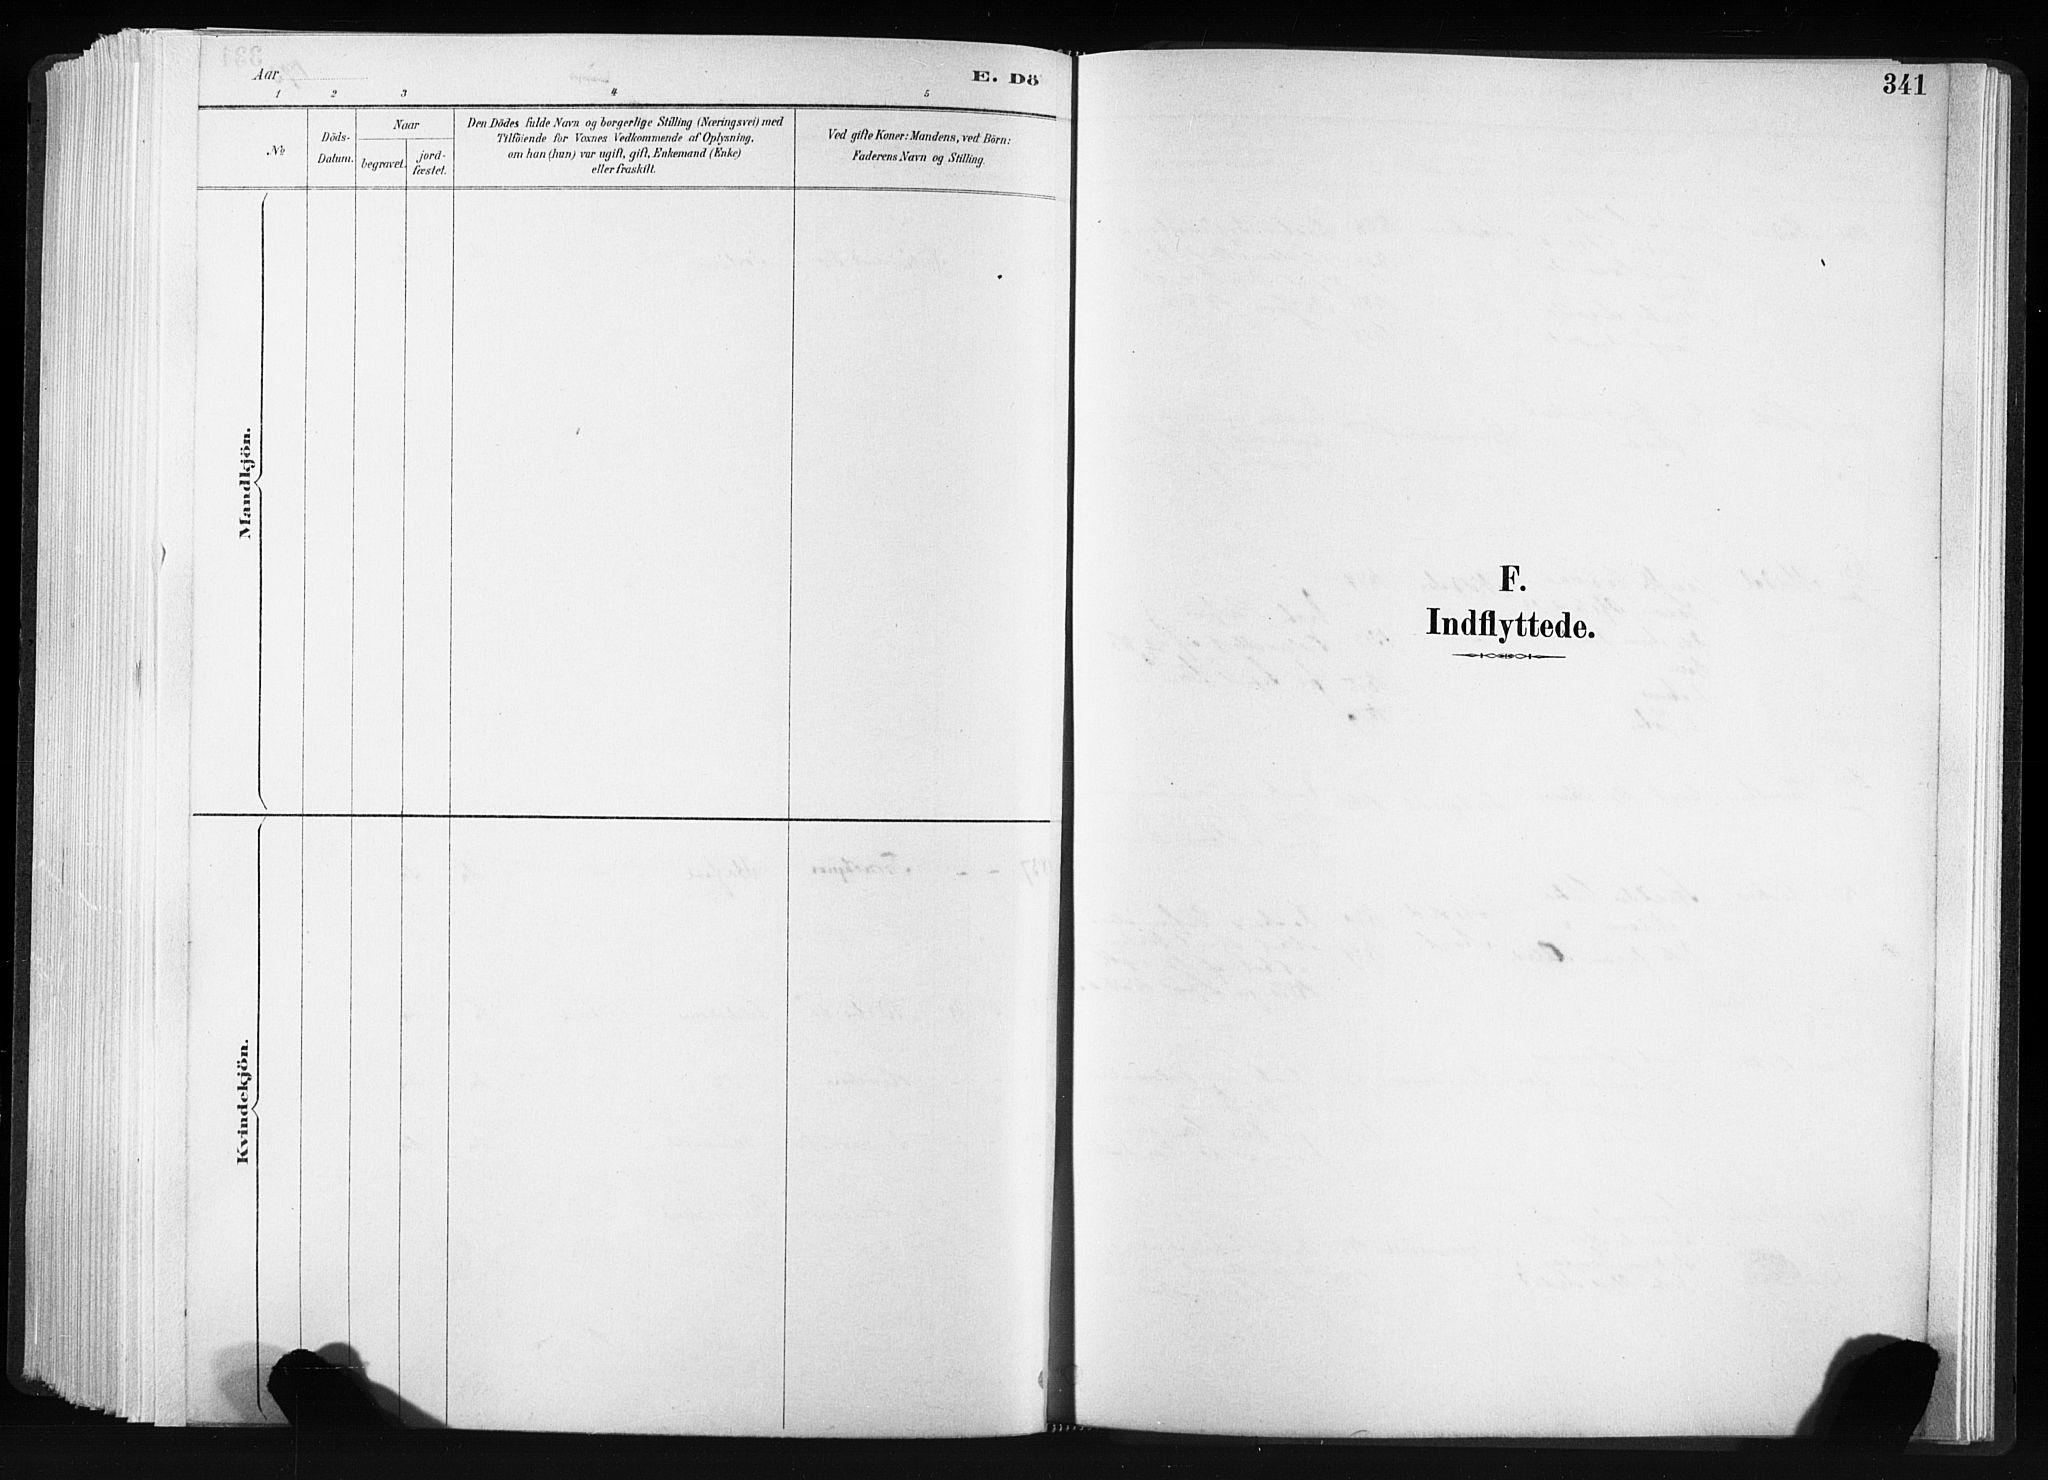 SAT, Ministerialprotokoller, klokkerbøker og fødselsregistre - Sør-Trøndelag, 606/L0300: Ministerialbok nr. 606A15, 1886-1893, s. 341